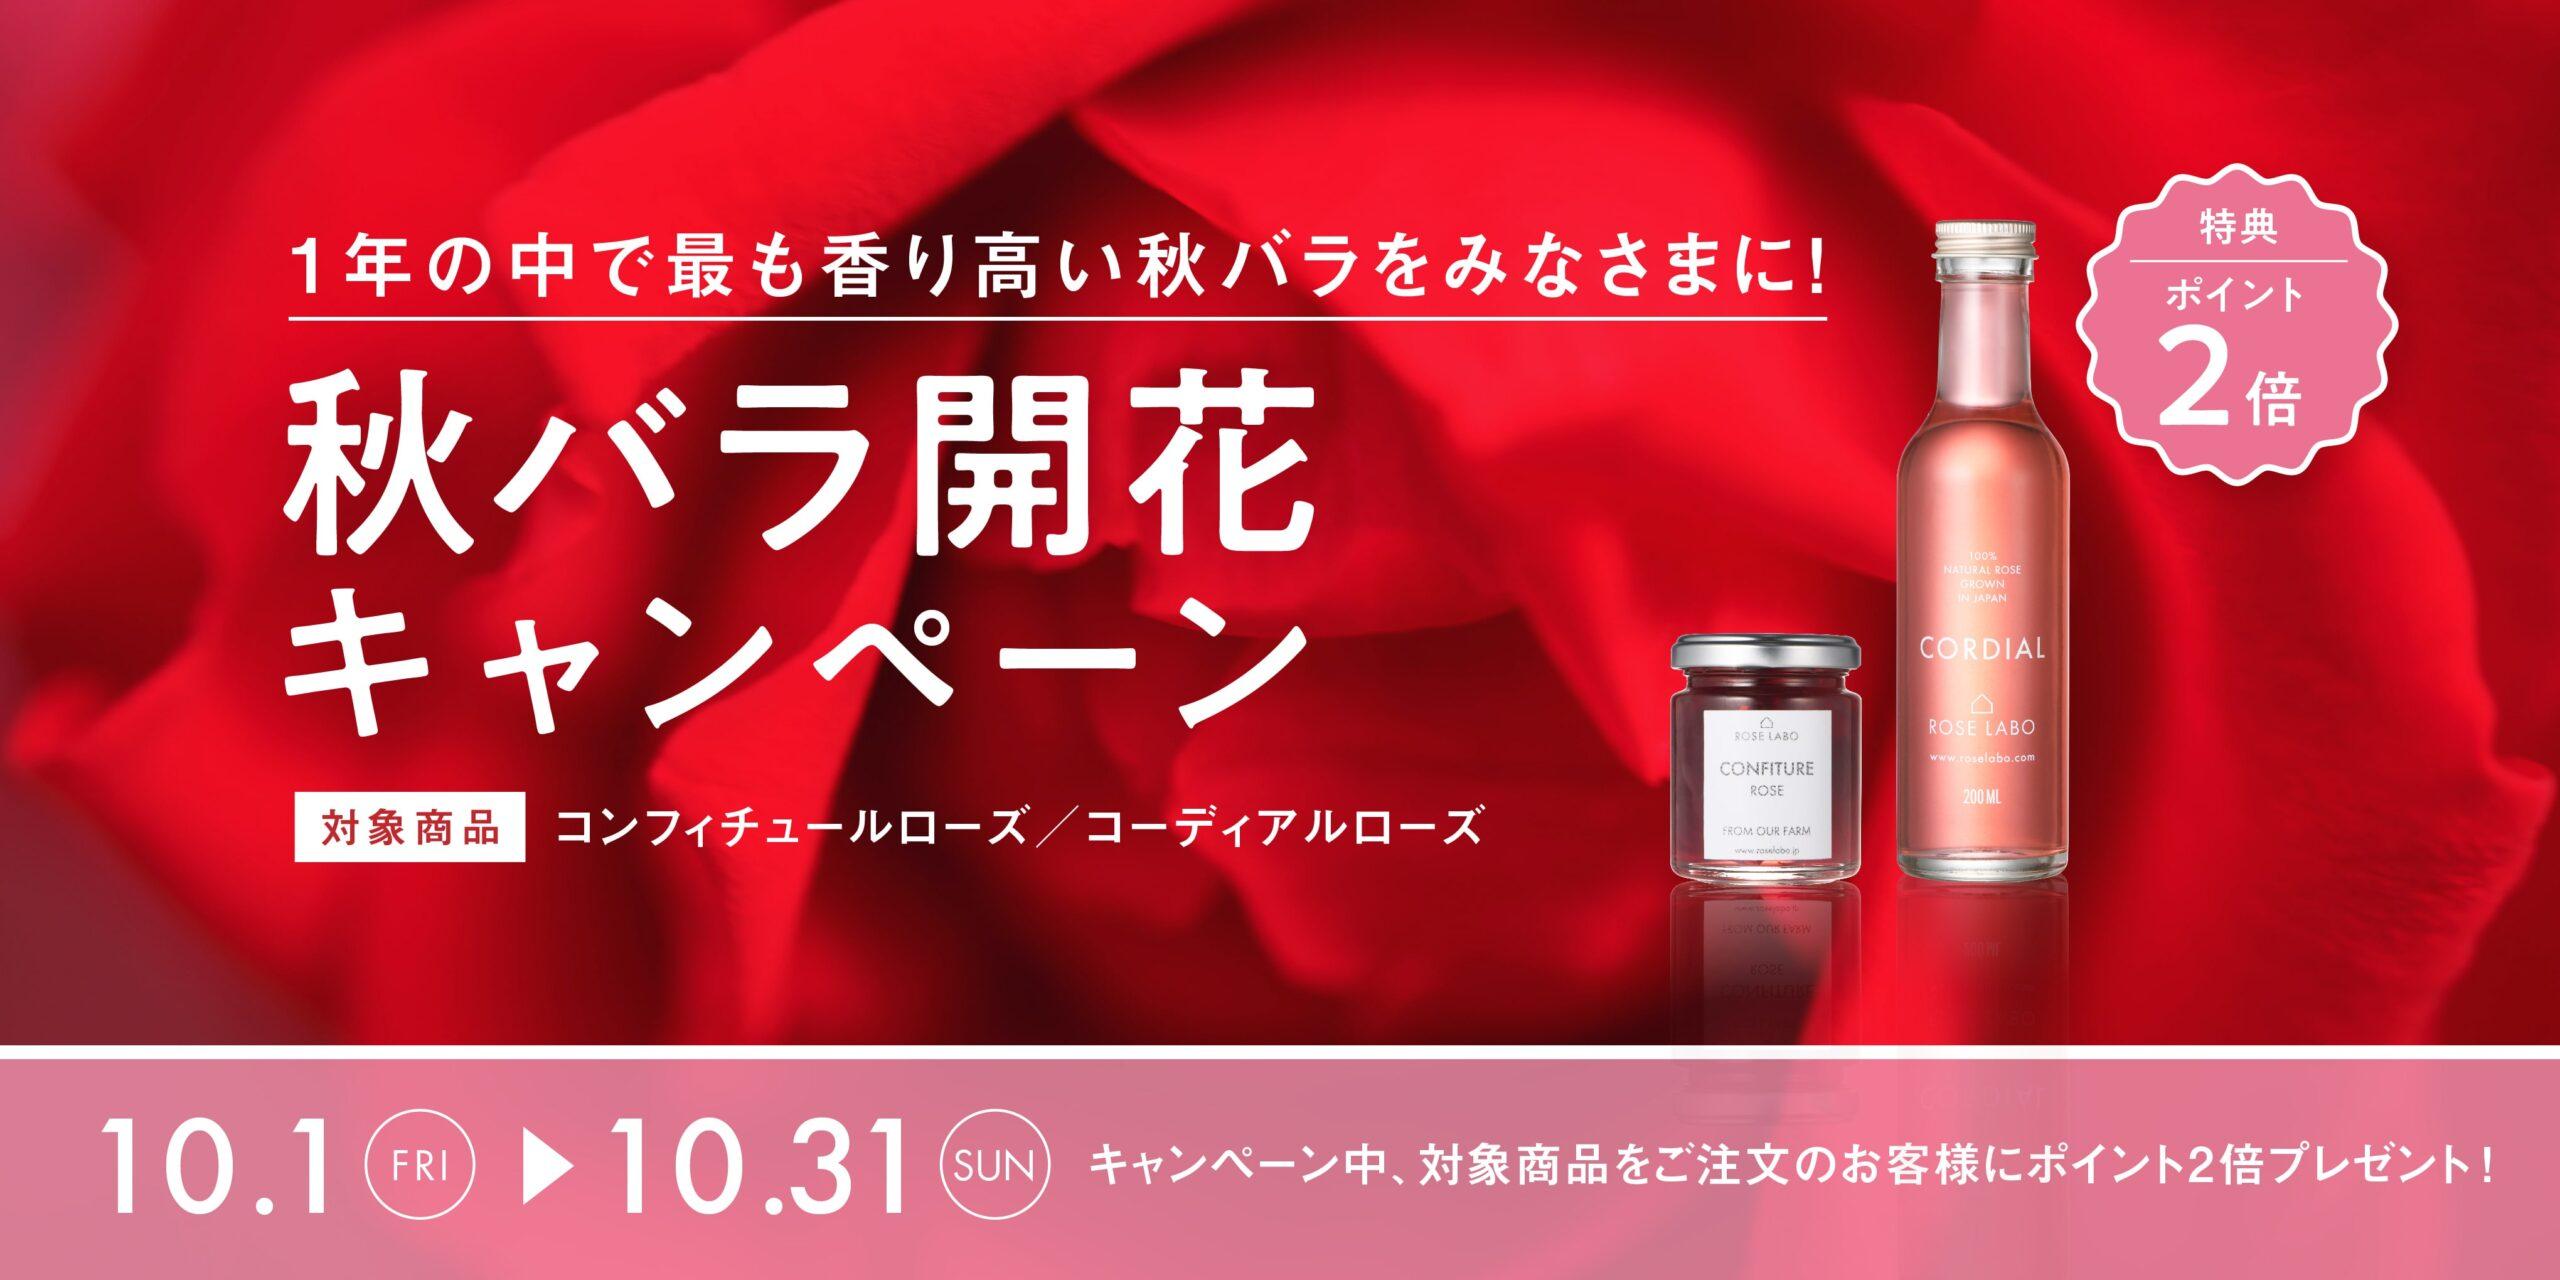 本日5/1(土)より、おうち生活応援キャンペーン実施いたします!